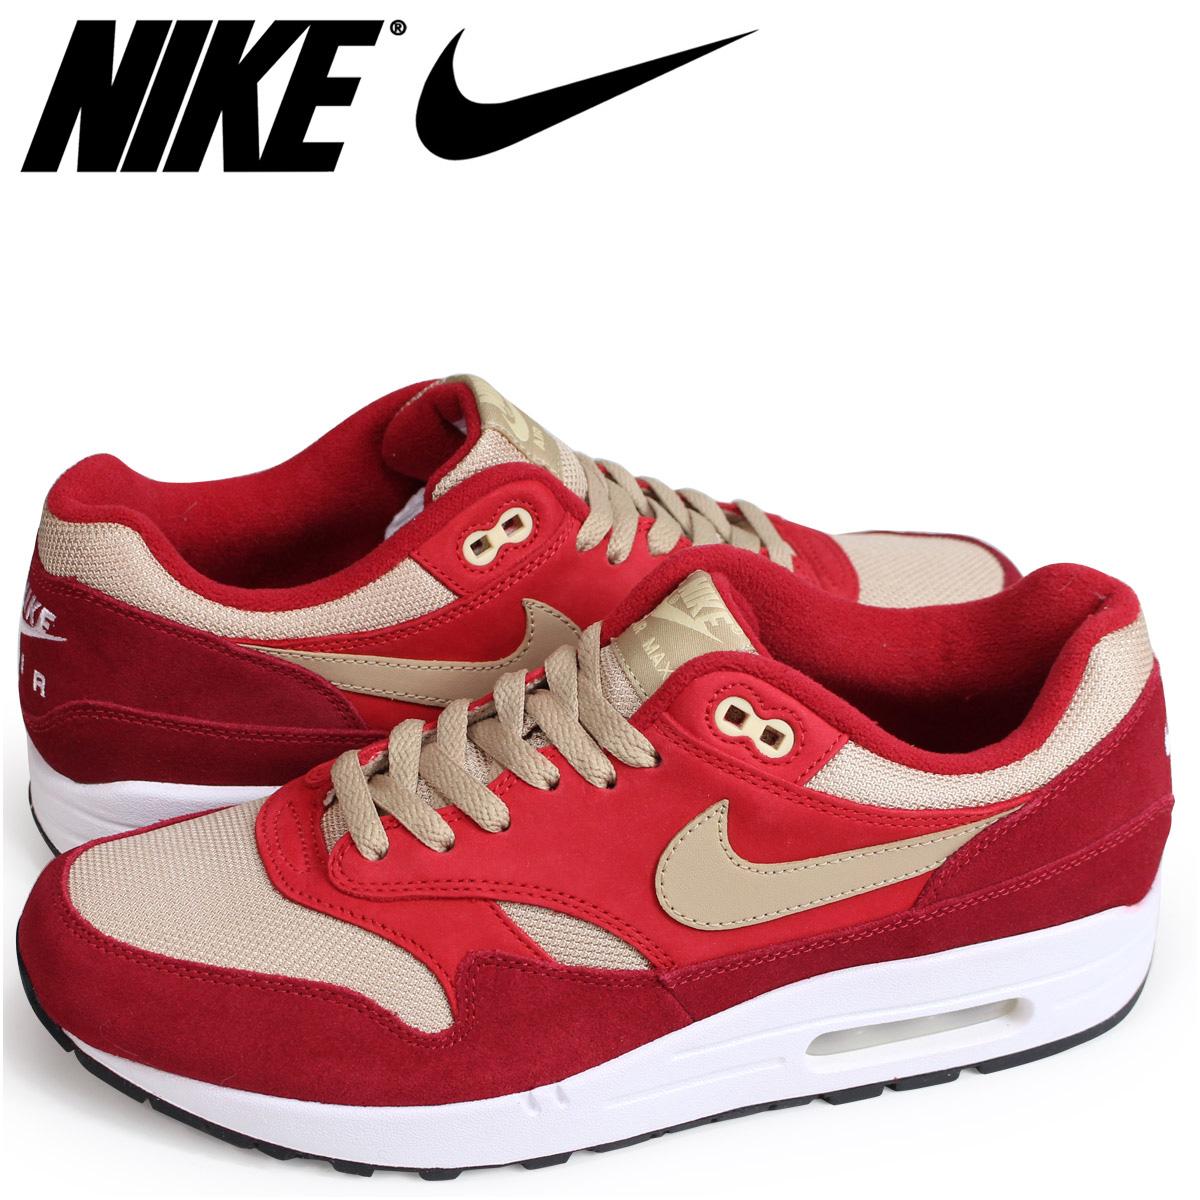 Nike SNKRS Nike Air Max 1 Premium 'Red